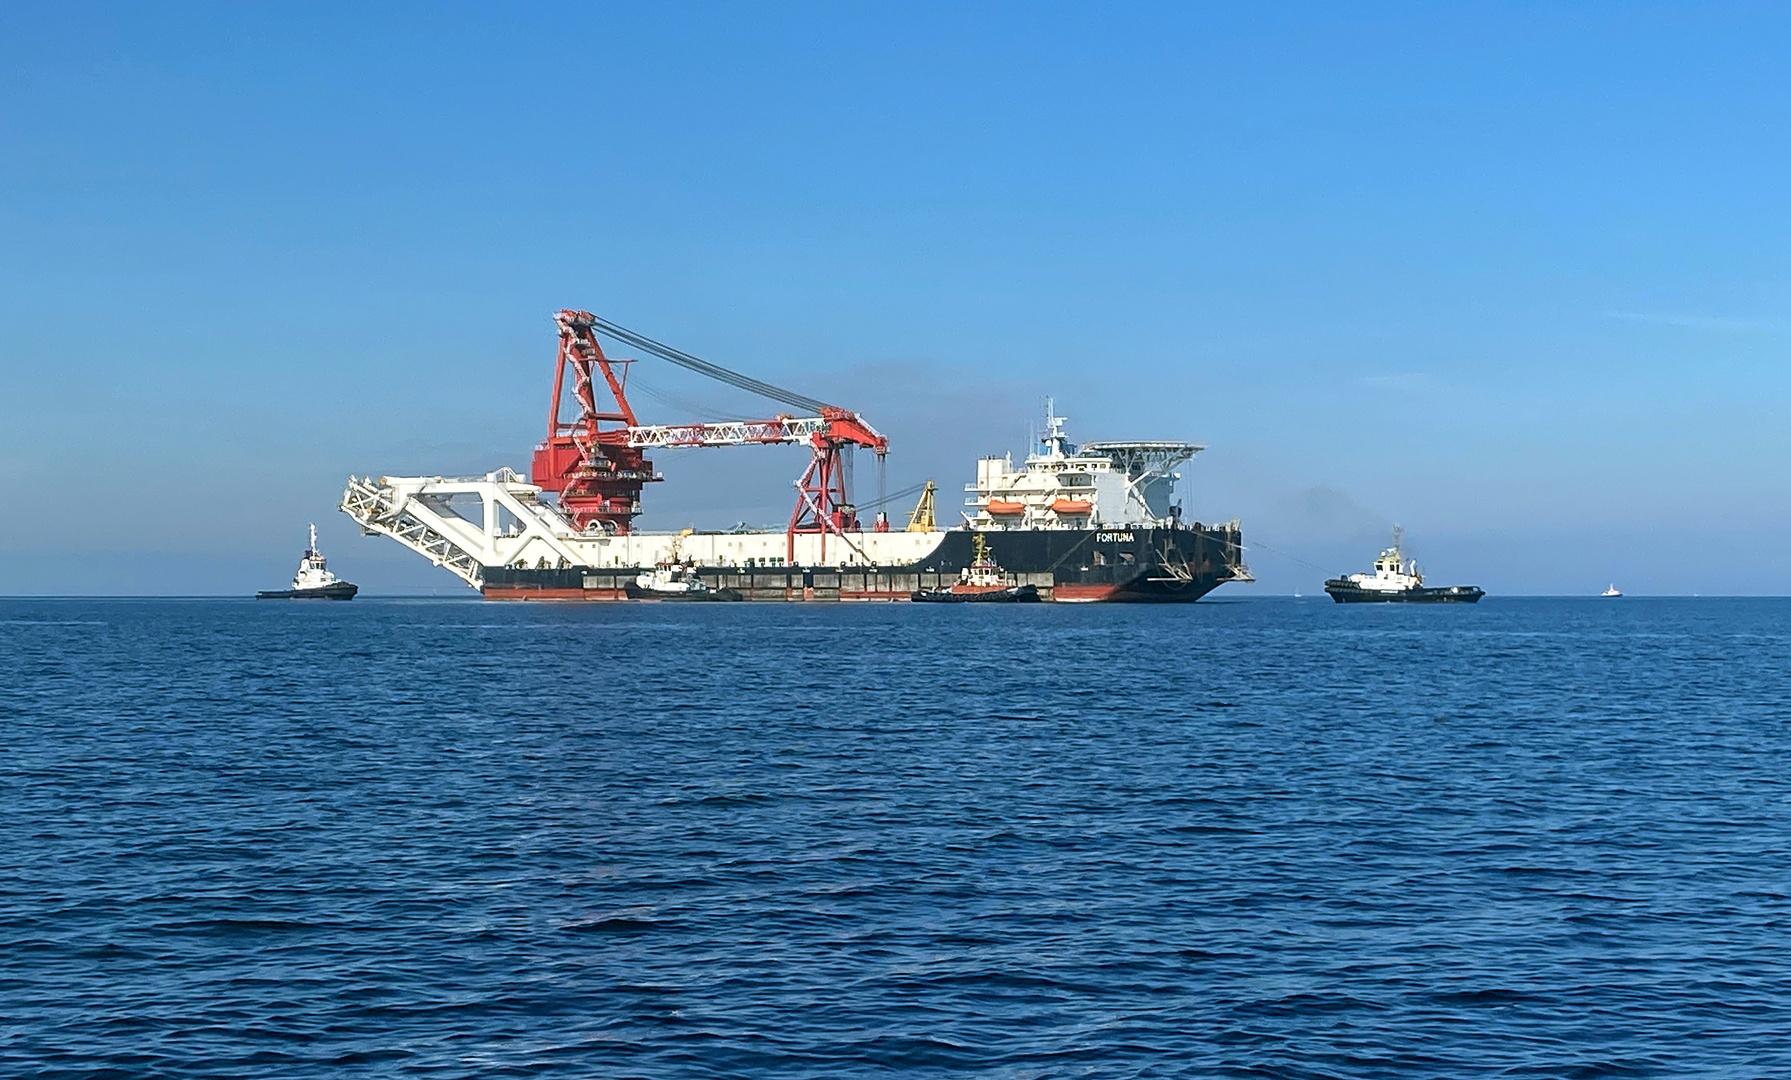 القوات البحرية البولندية تنفي الاتهامات بعرقلة بناء